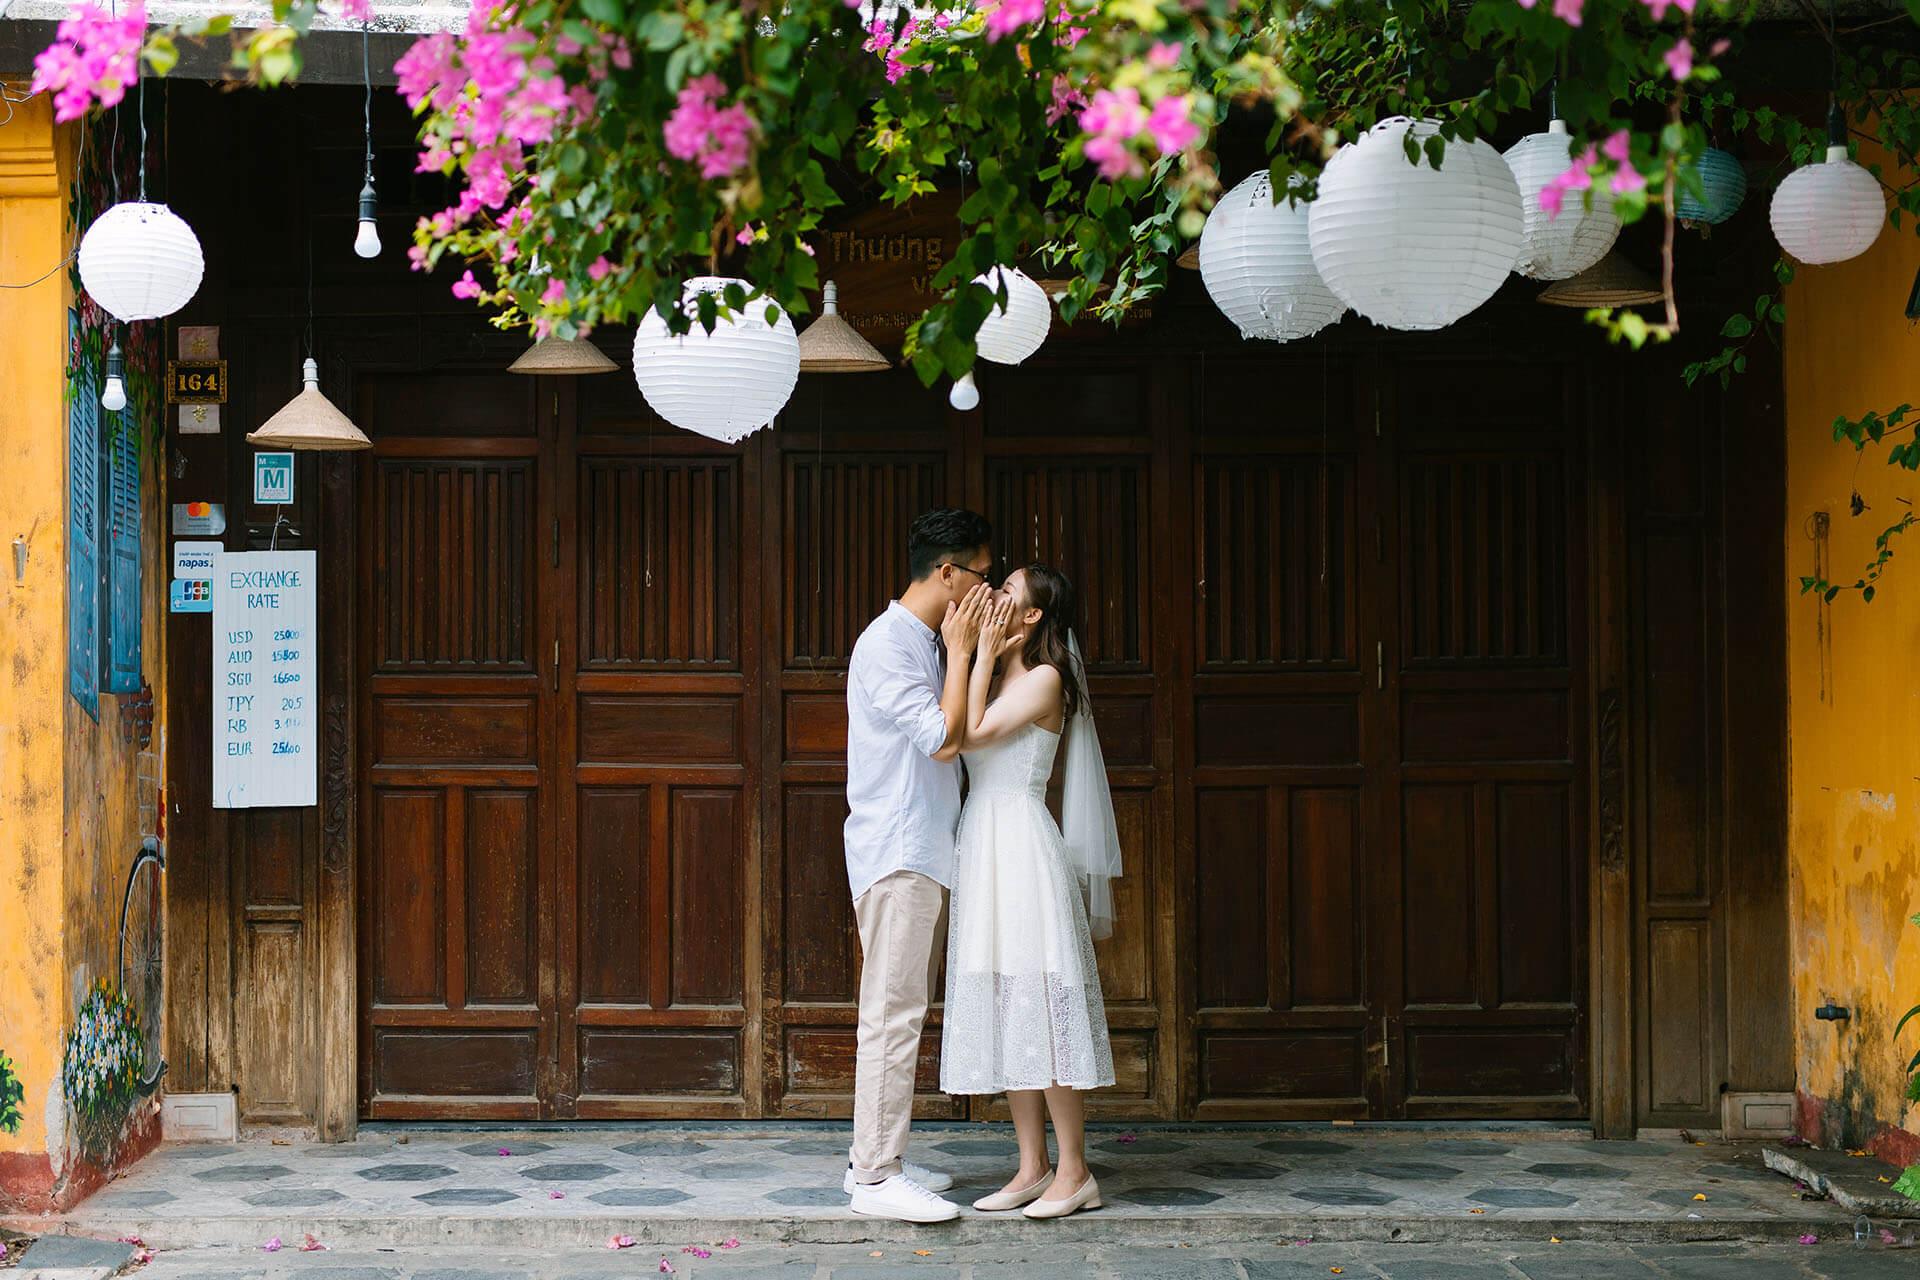 Xu Huongdu Lich Ket Hop Chup Album Anh Couple Tai Ba Na Va Hoi An Danangwego Com